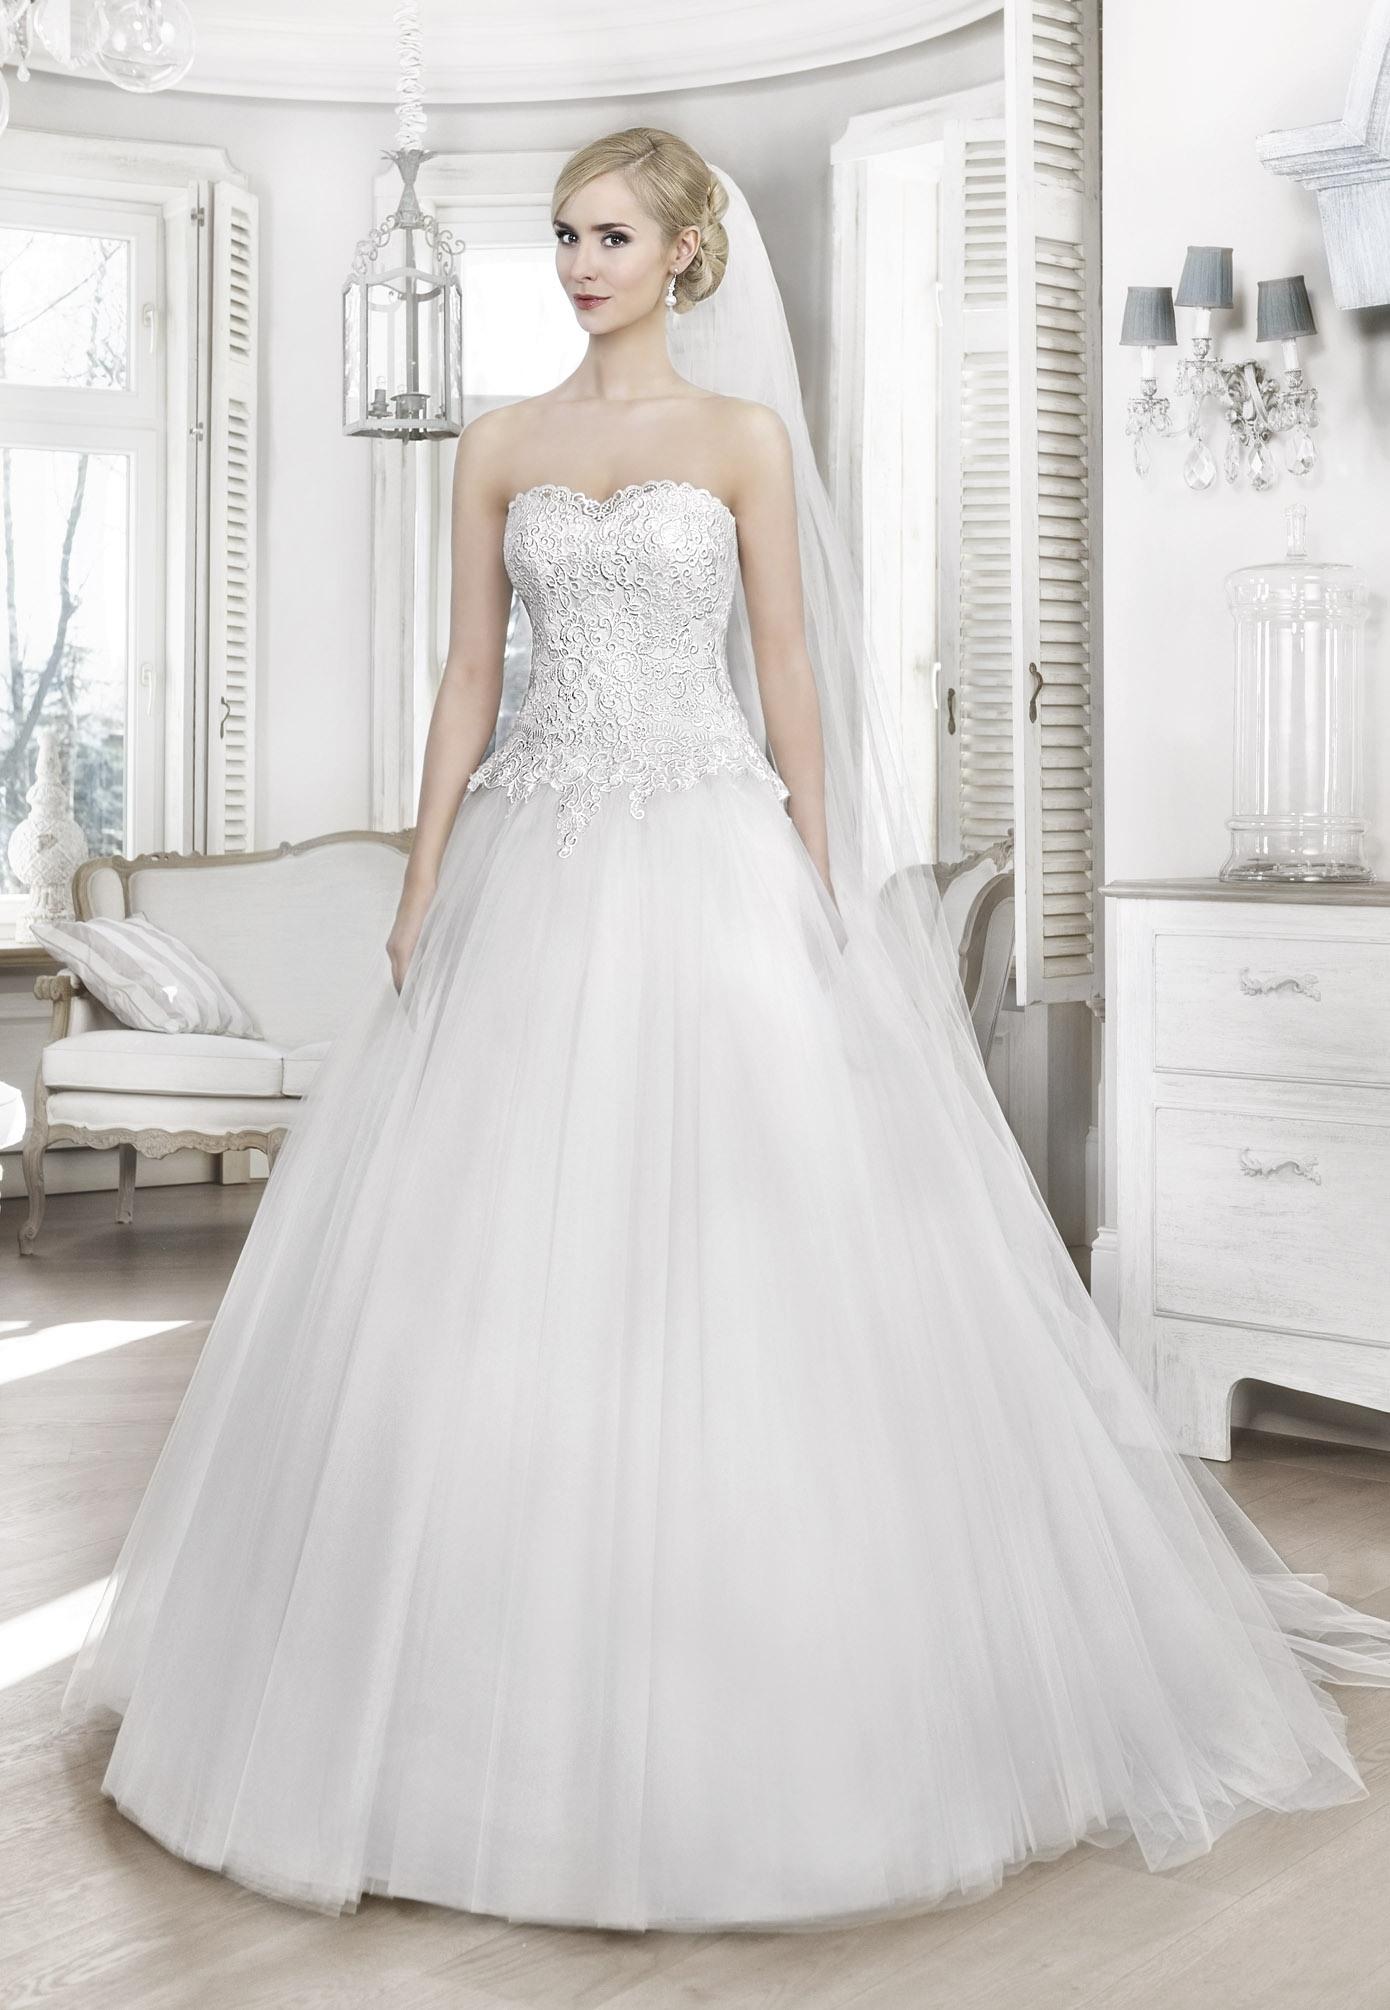 Designer Perfekt Brautkleider Mode GalerieAbend Einzigartig Brautkleider Mode Bester Preis